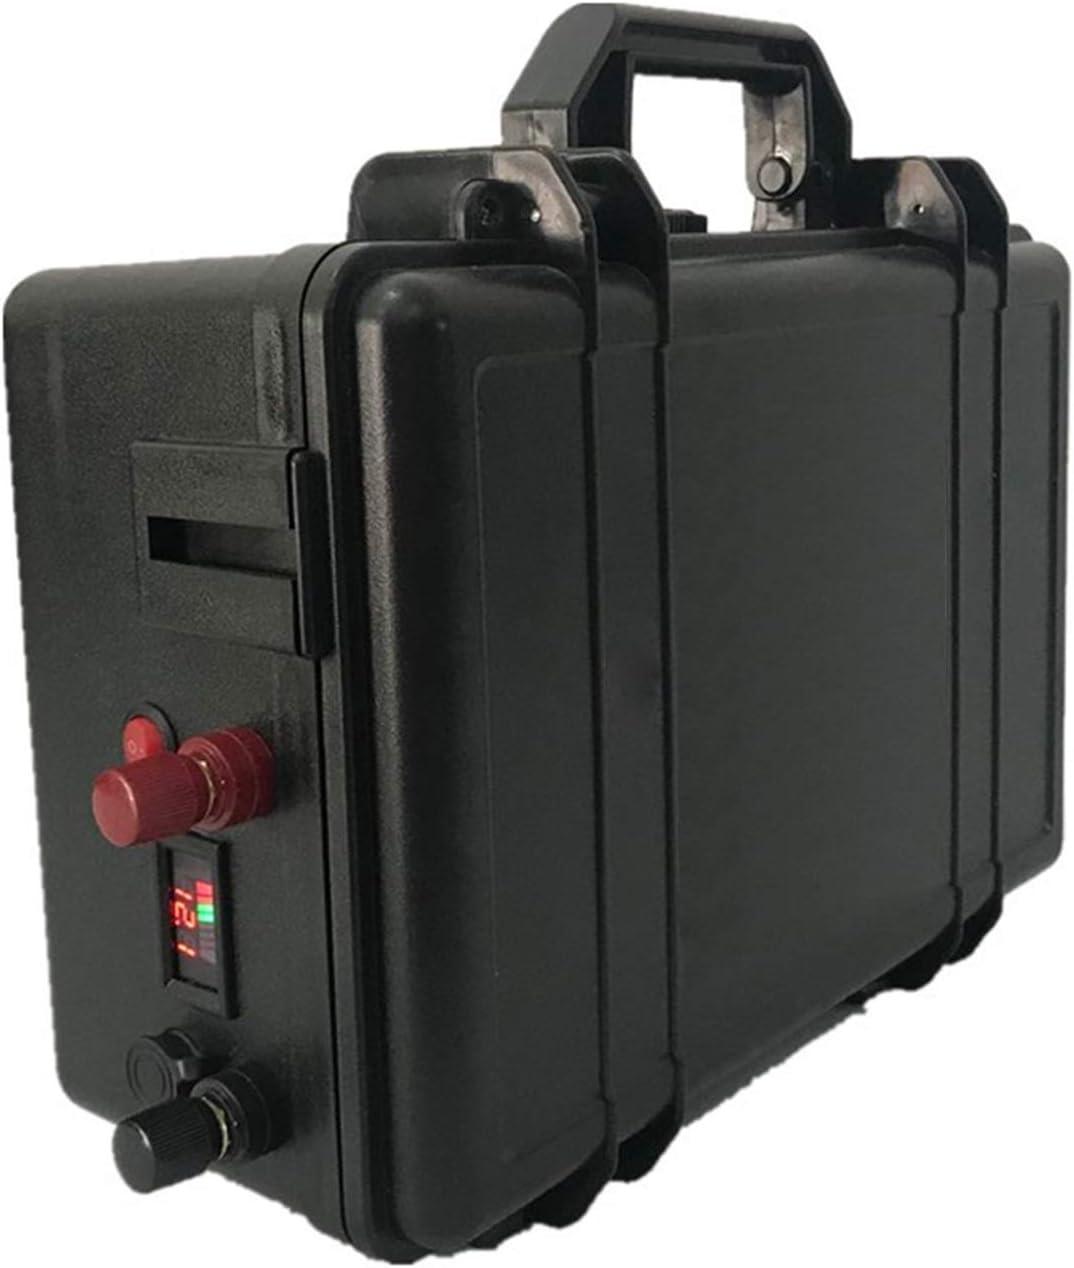 GJZhuan Paquete De Baterías De LIFEPO4 24V 100AH + Paquete De Batería De Litio Impermeable con Cargador 10A para Inversor, Sistema Solar, Motor De Barco